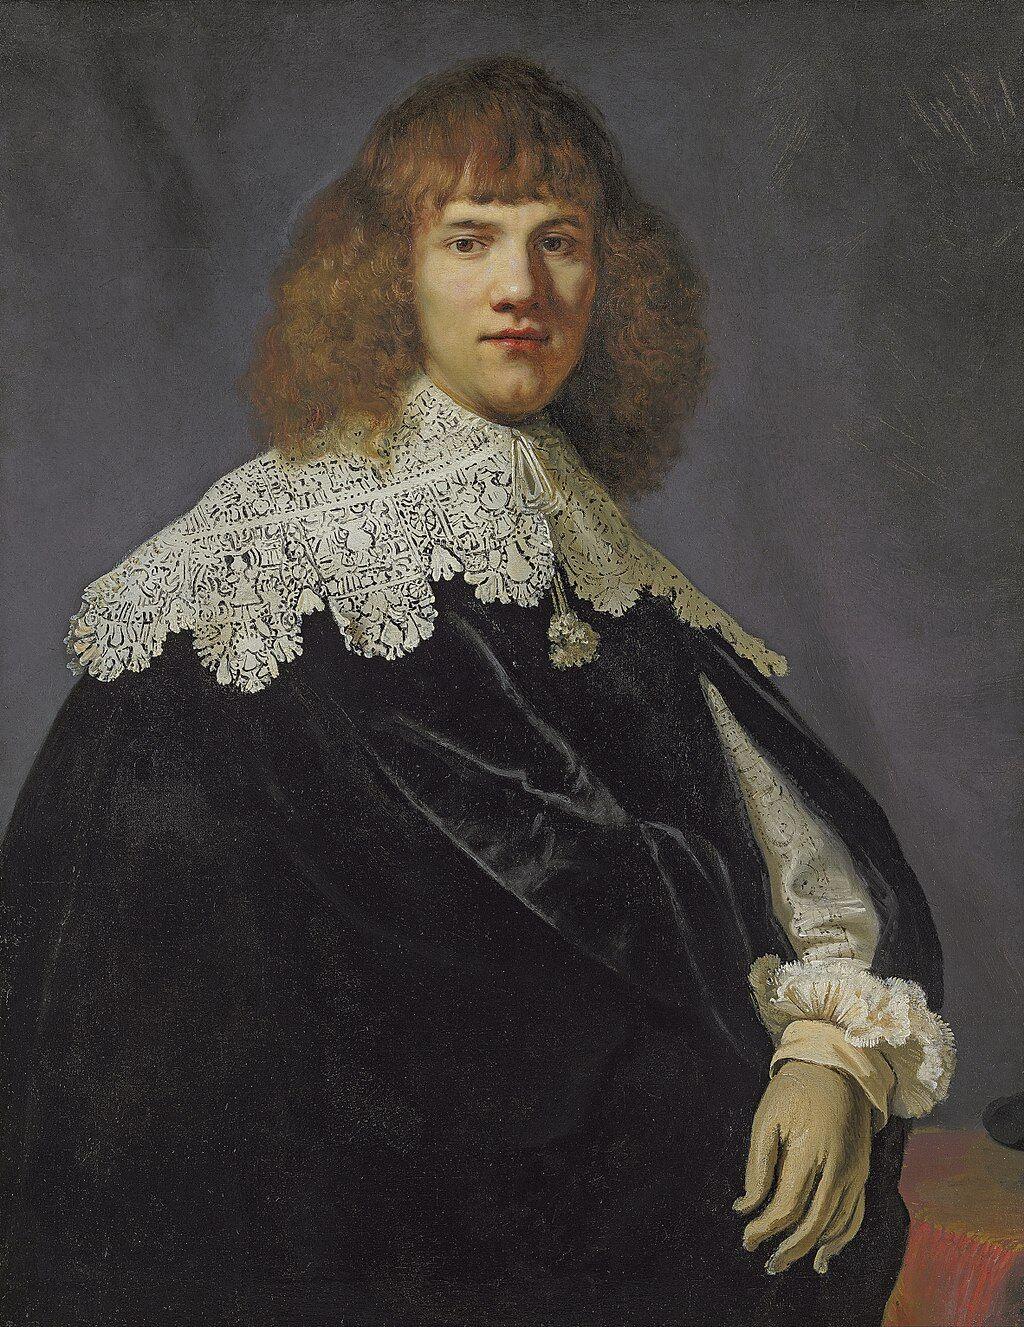 Rembrandt van Rijn, Portrait of a Young Gentleman, ca. 1606–69. Image via Wikimedia Commons.